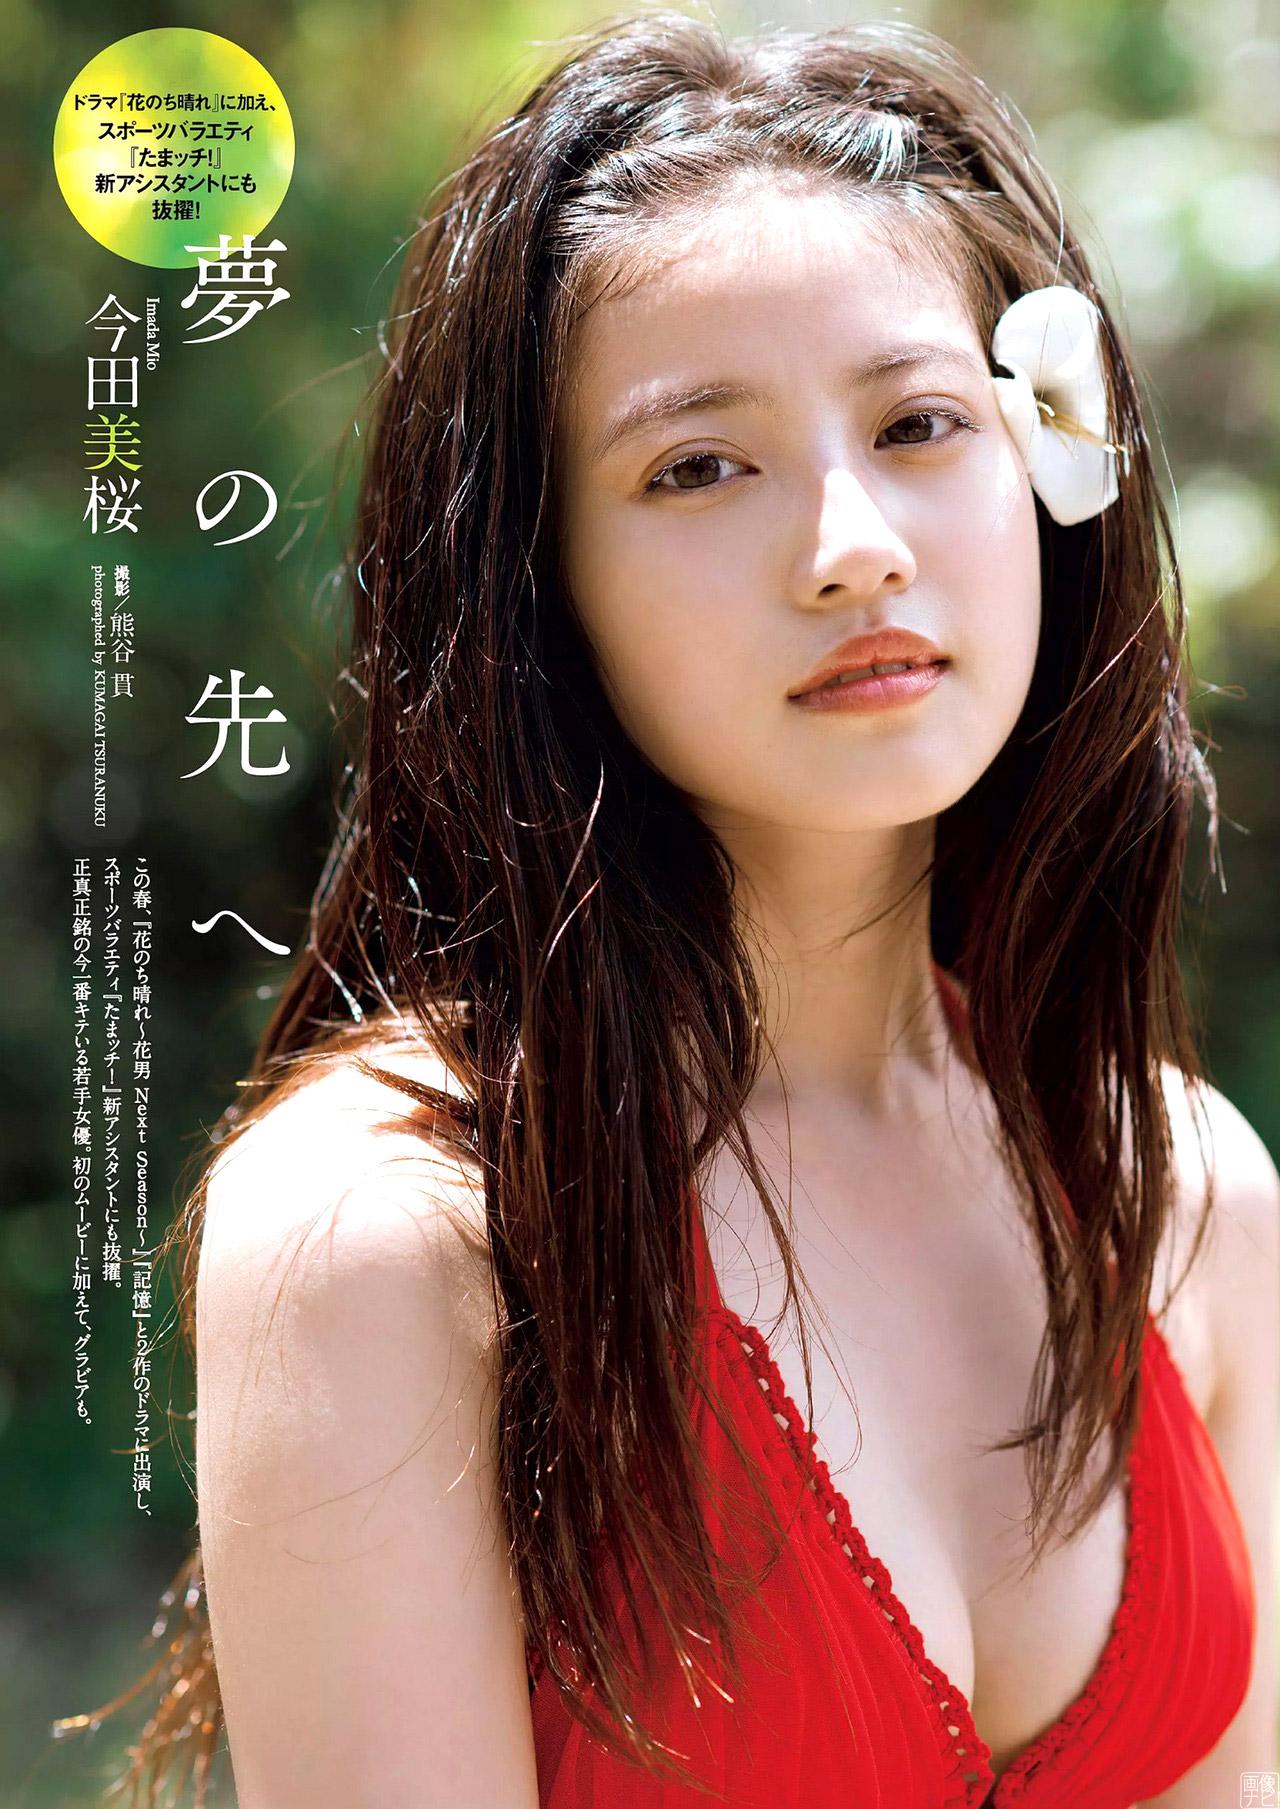 今田美桜(20) 大型新人女優が透明感抜群の美乳ビキニ